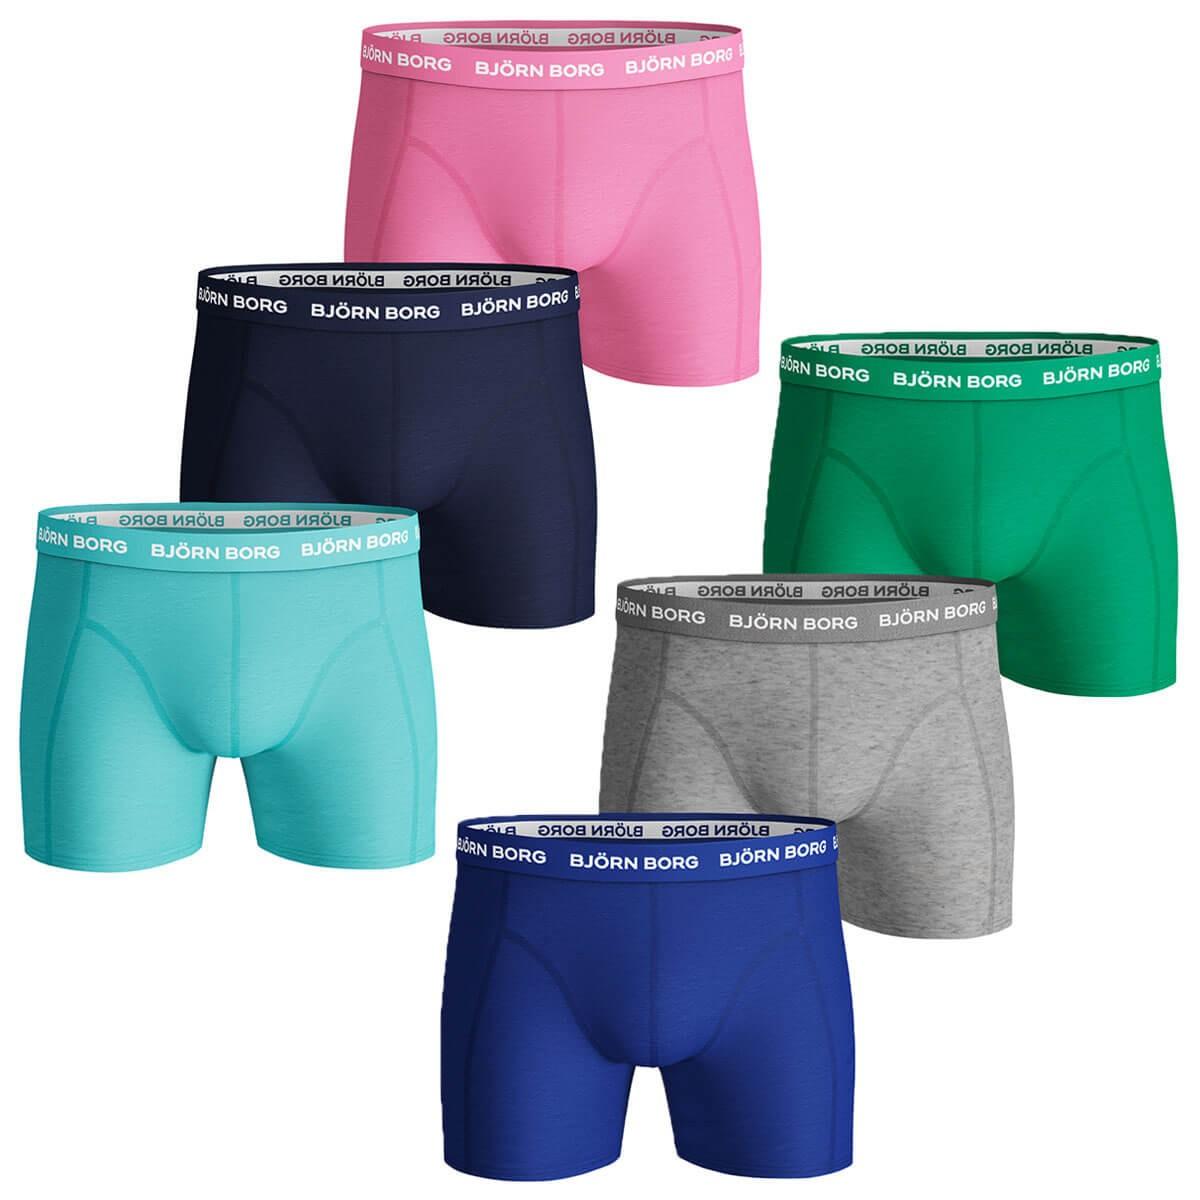 Bj/örn Borg 2019 Mens 3-Pack BB Sammy Shorts Solid Boxer Briefs Underwear